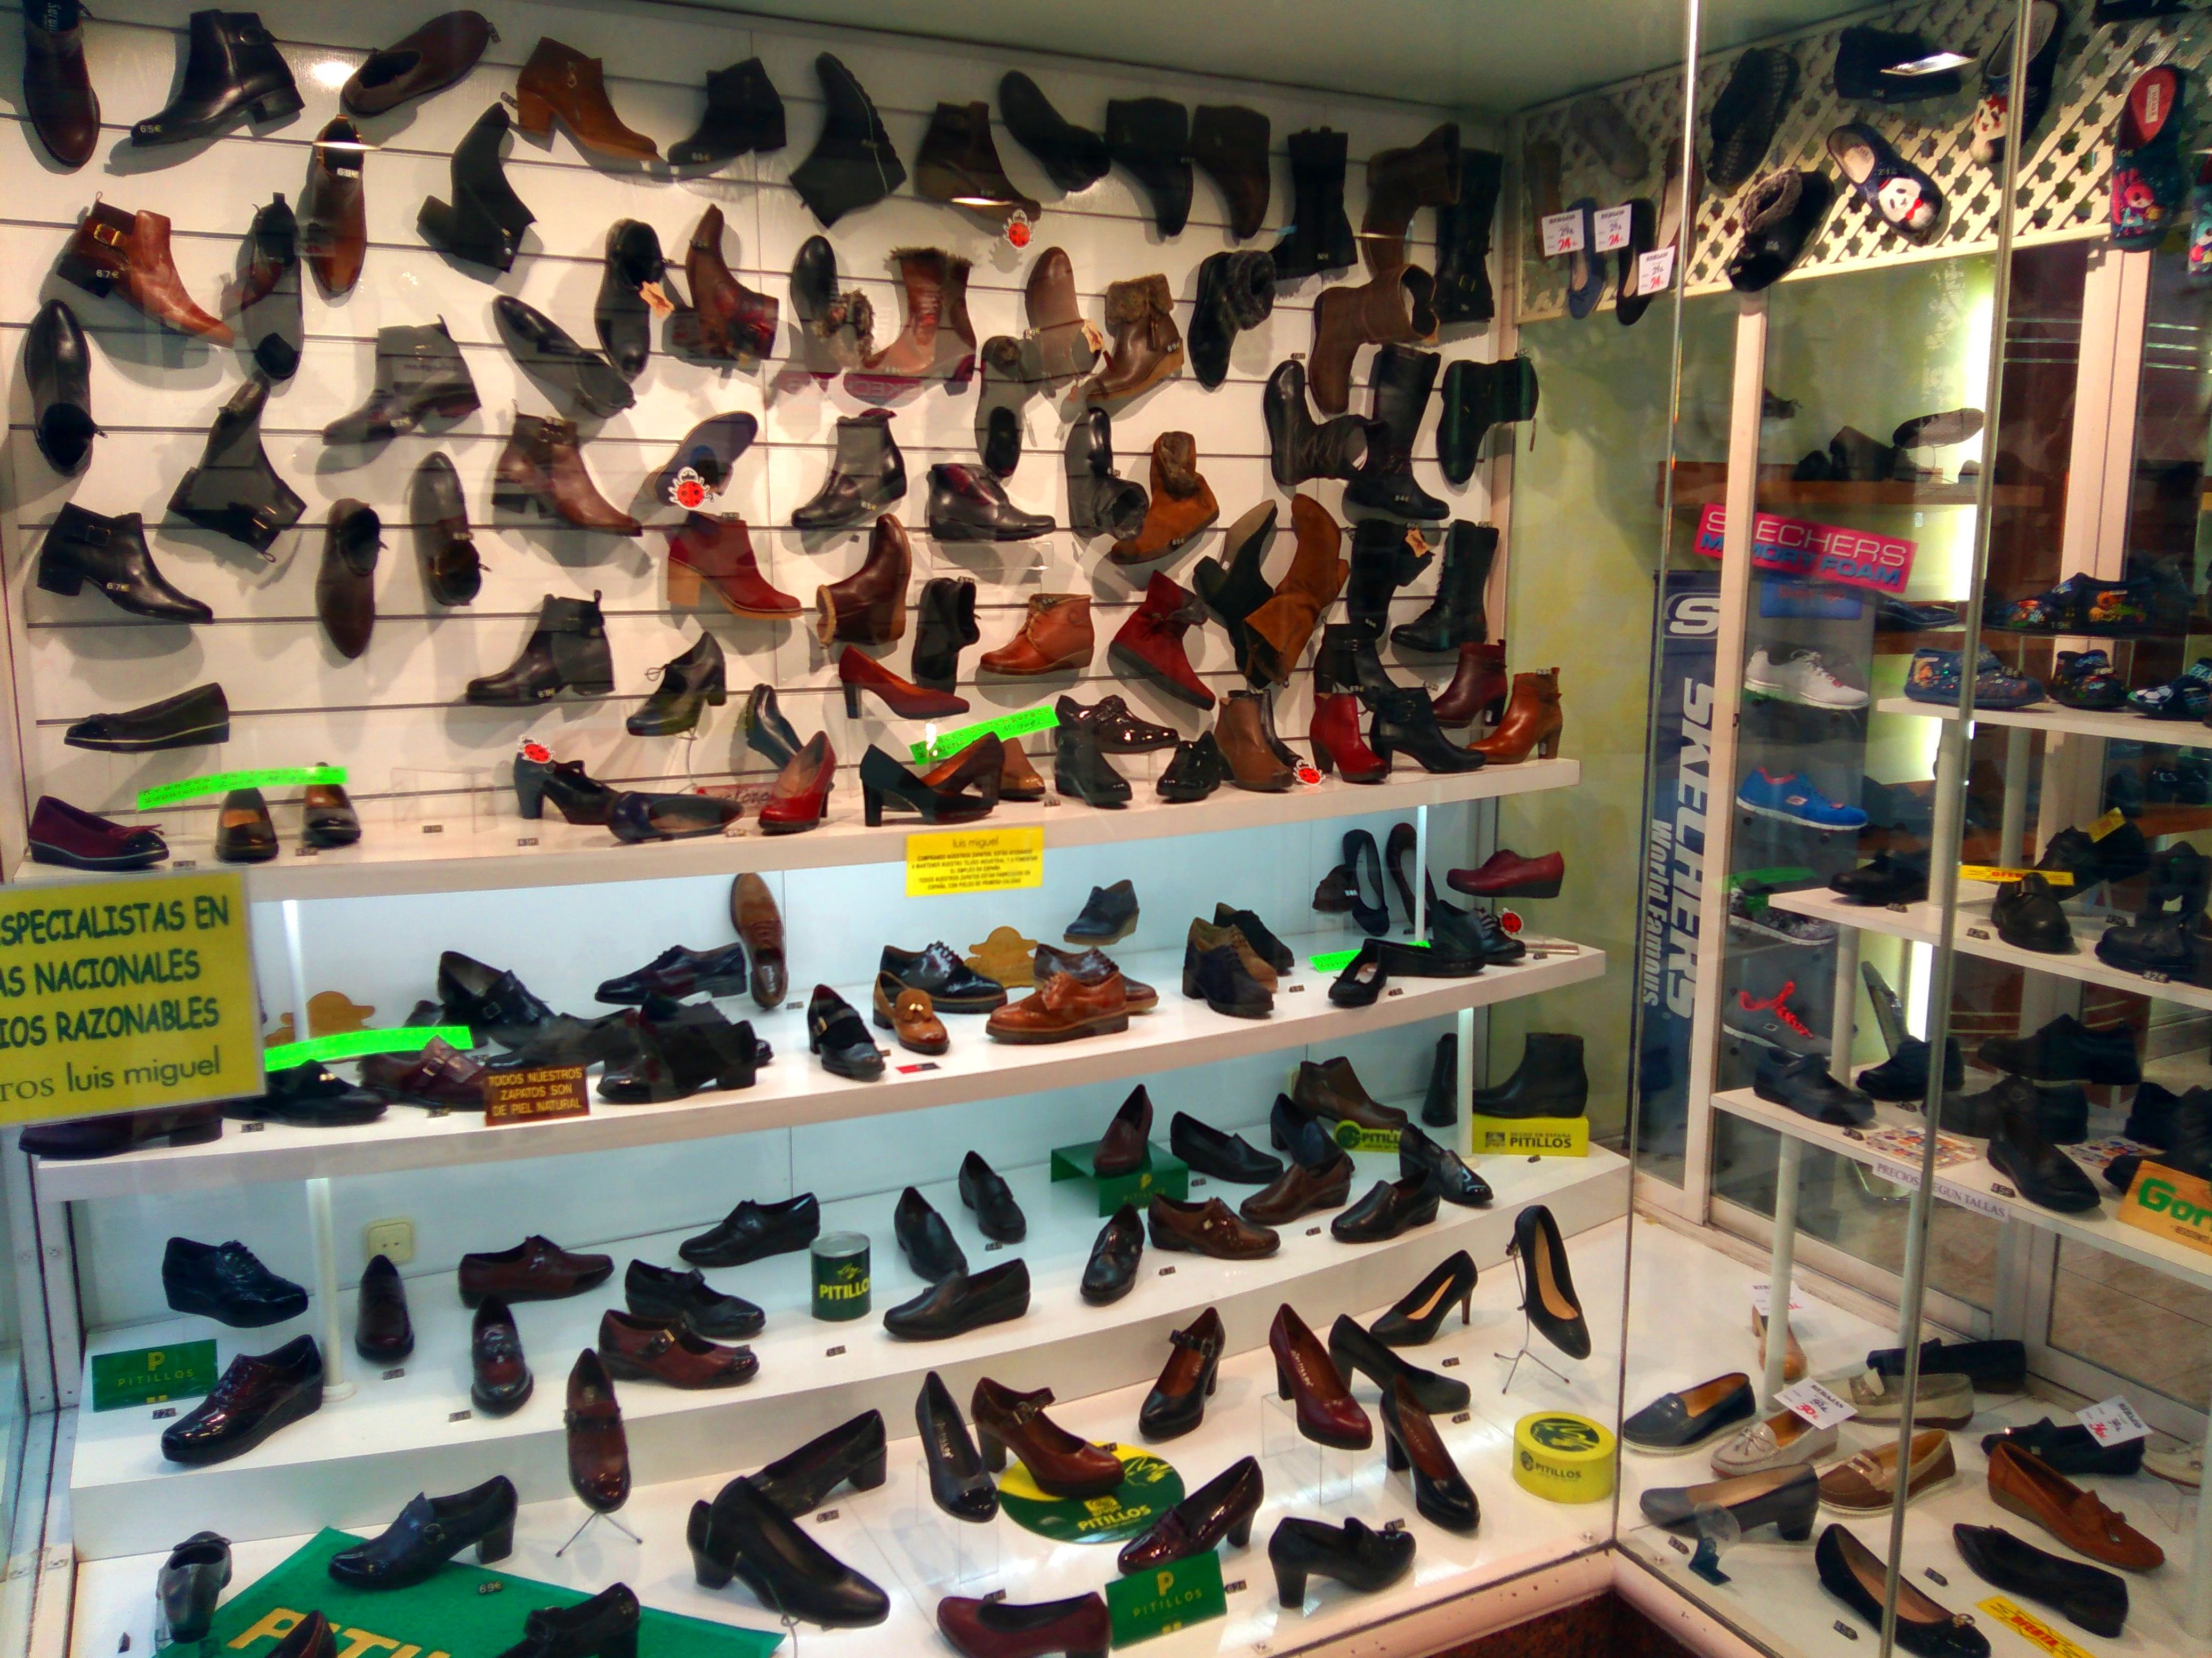 Foto 60 de venta de zapatos de señora y niños en piel en Alcorcón | Zapatos Luis Miguel